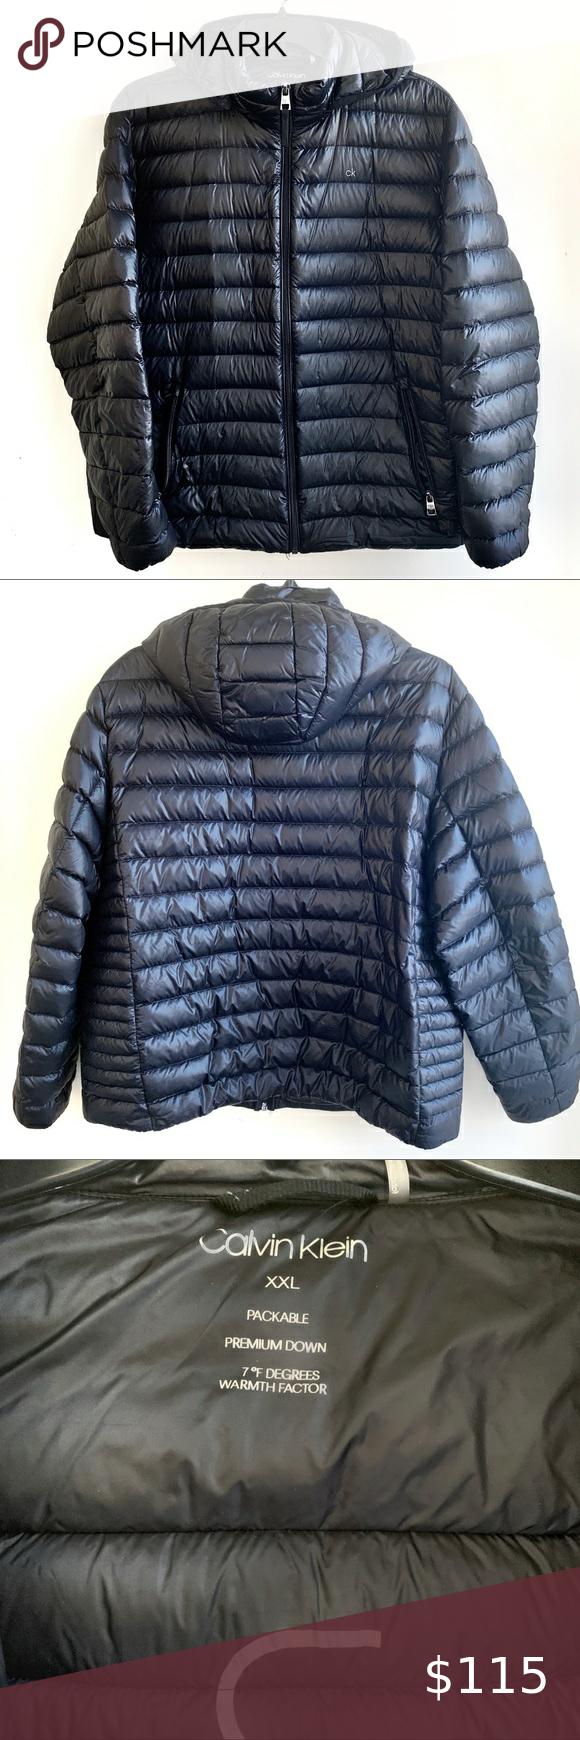 Men S Calvin Klein Packable Down Puffer Jacket Xxl Puffer Jackets Calvin Klein Calvin [ 1740 x 580 Pixel ]